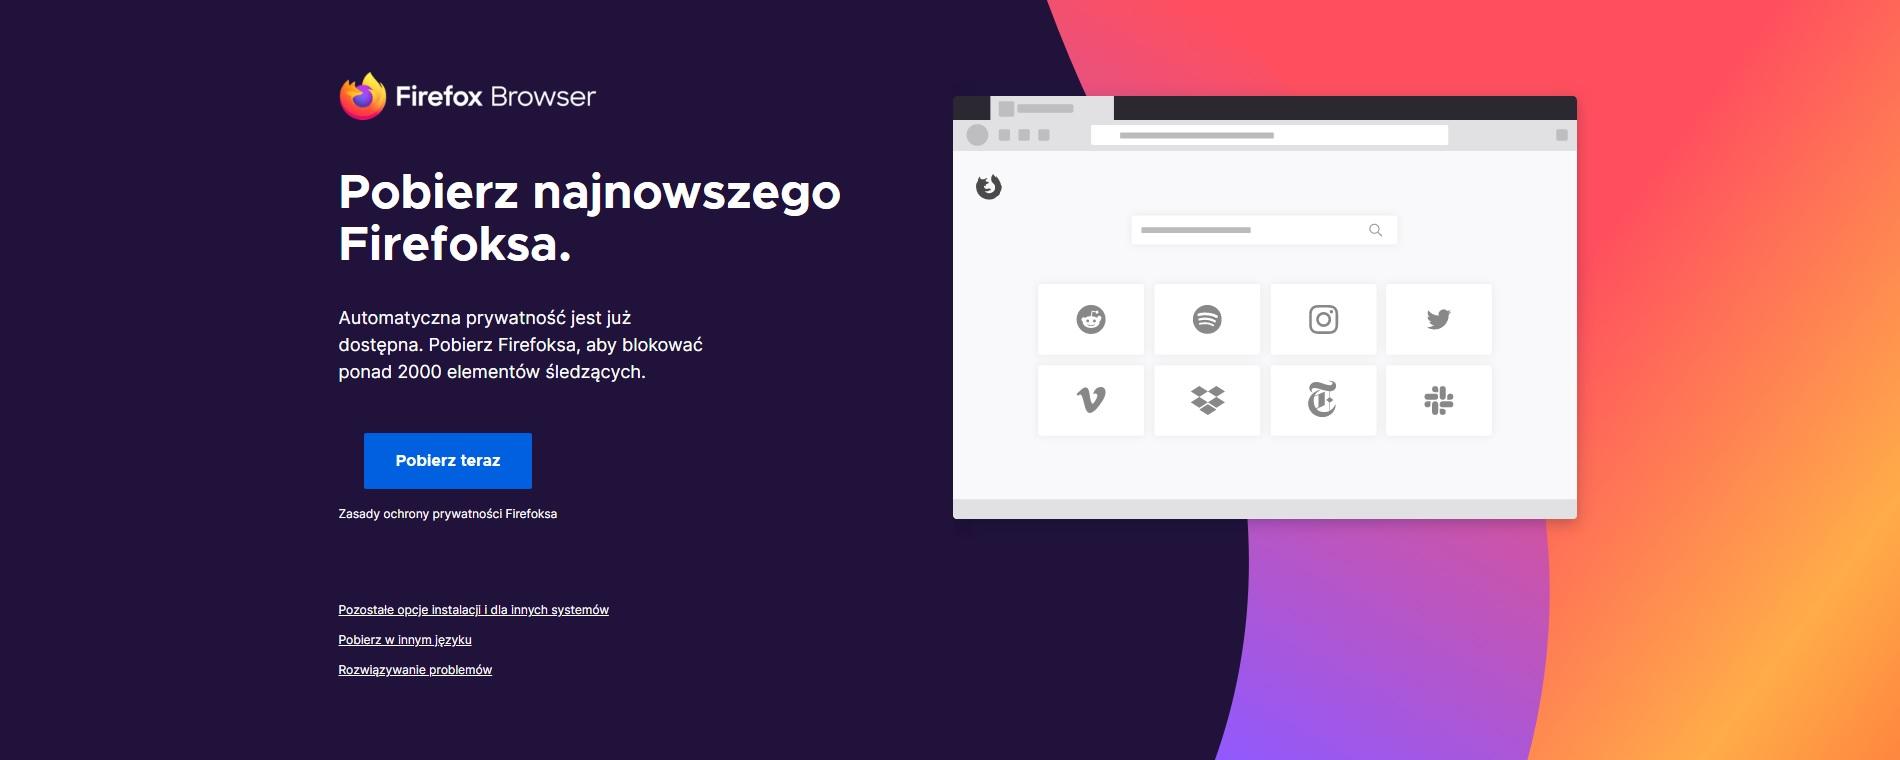 przeglądarka internetowa Mozilla Firefox Browser